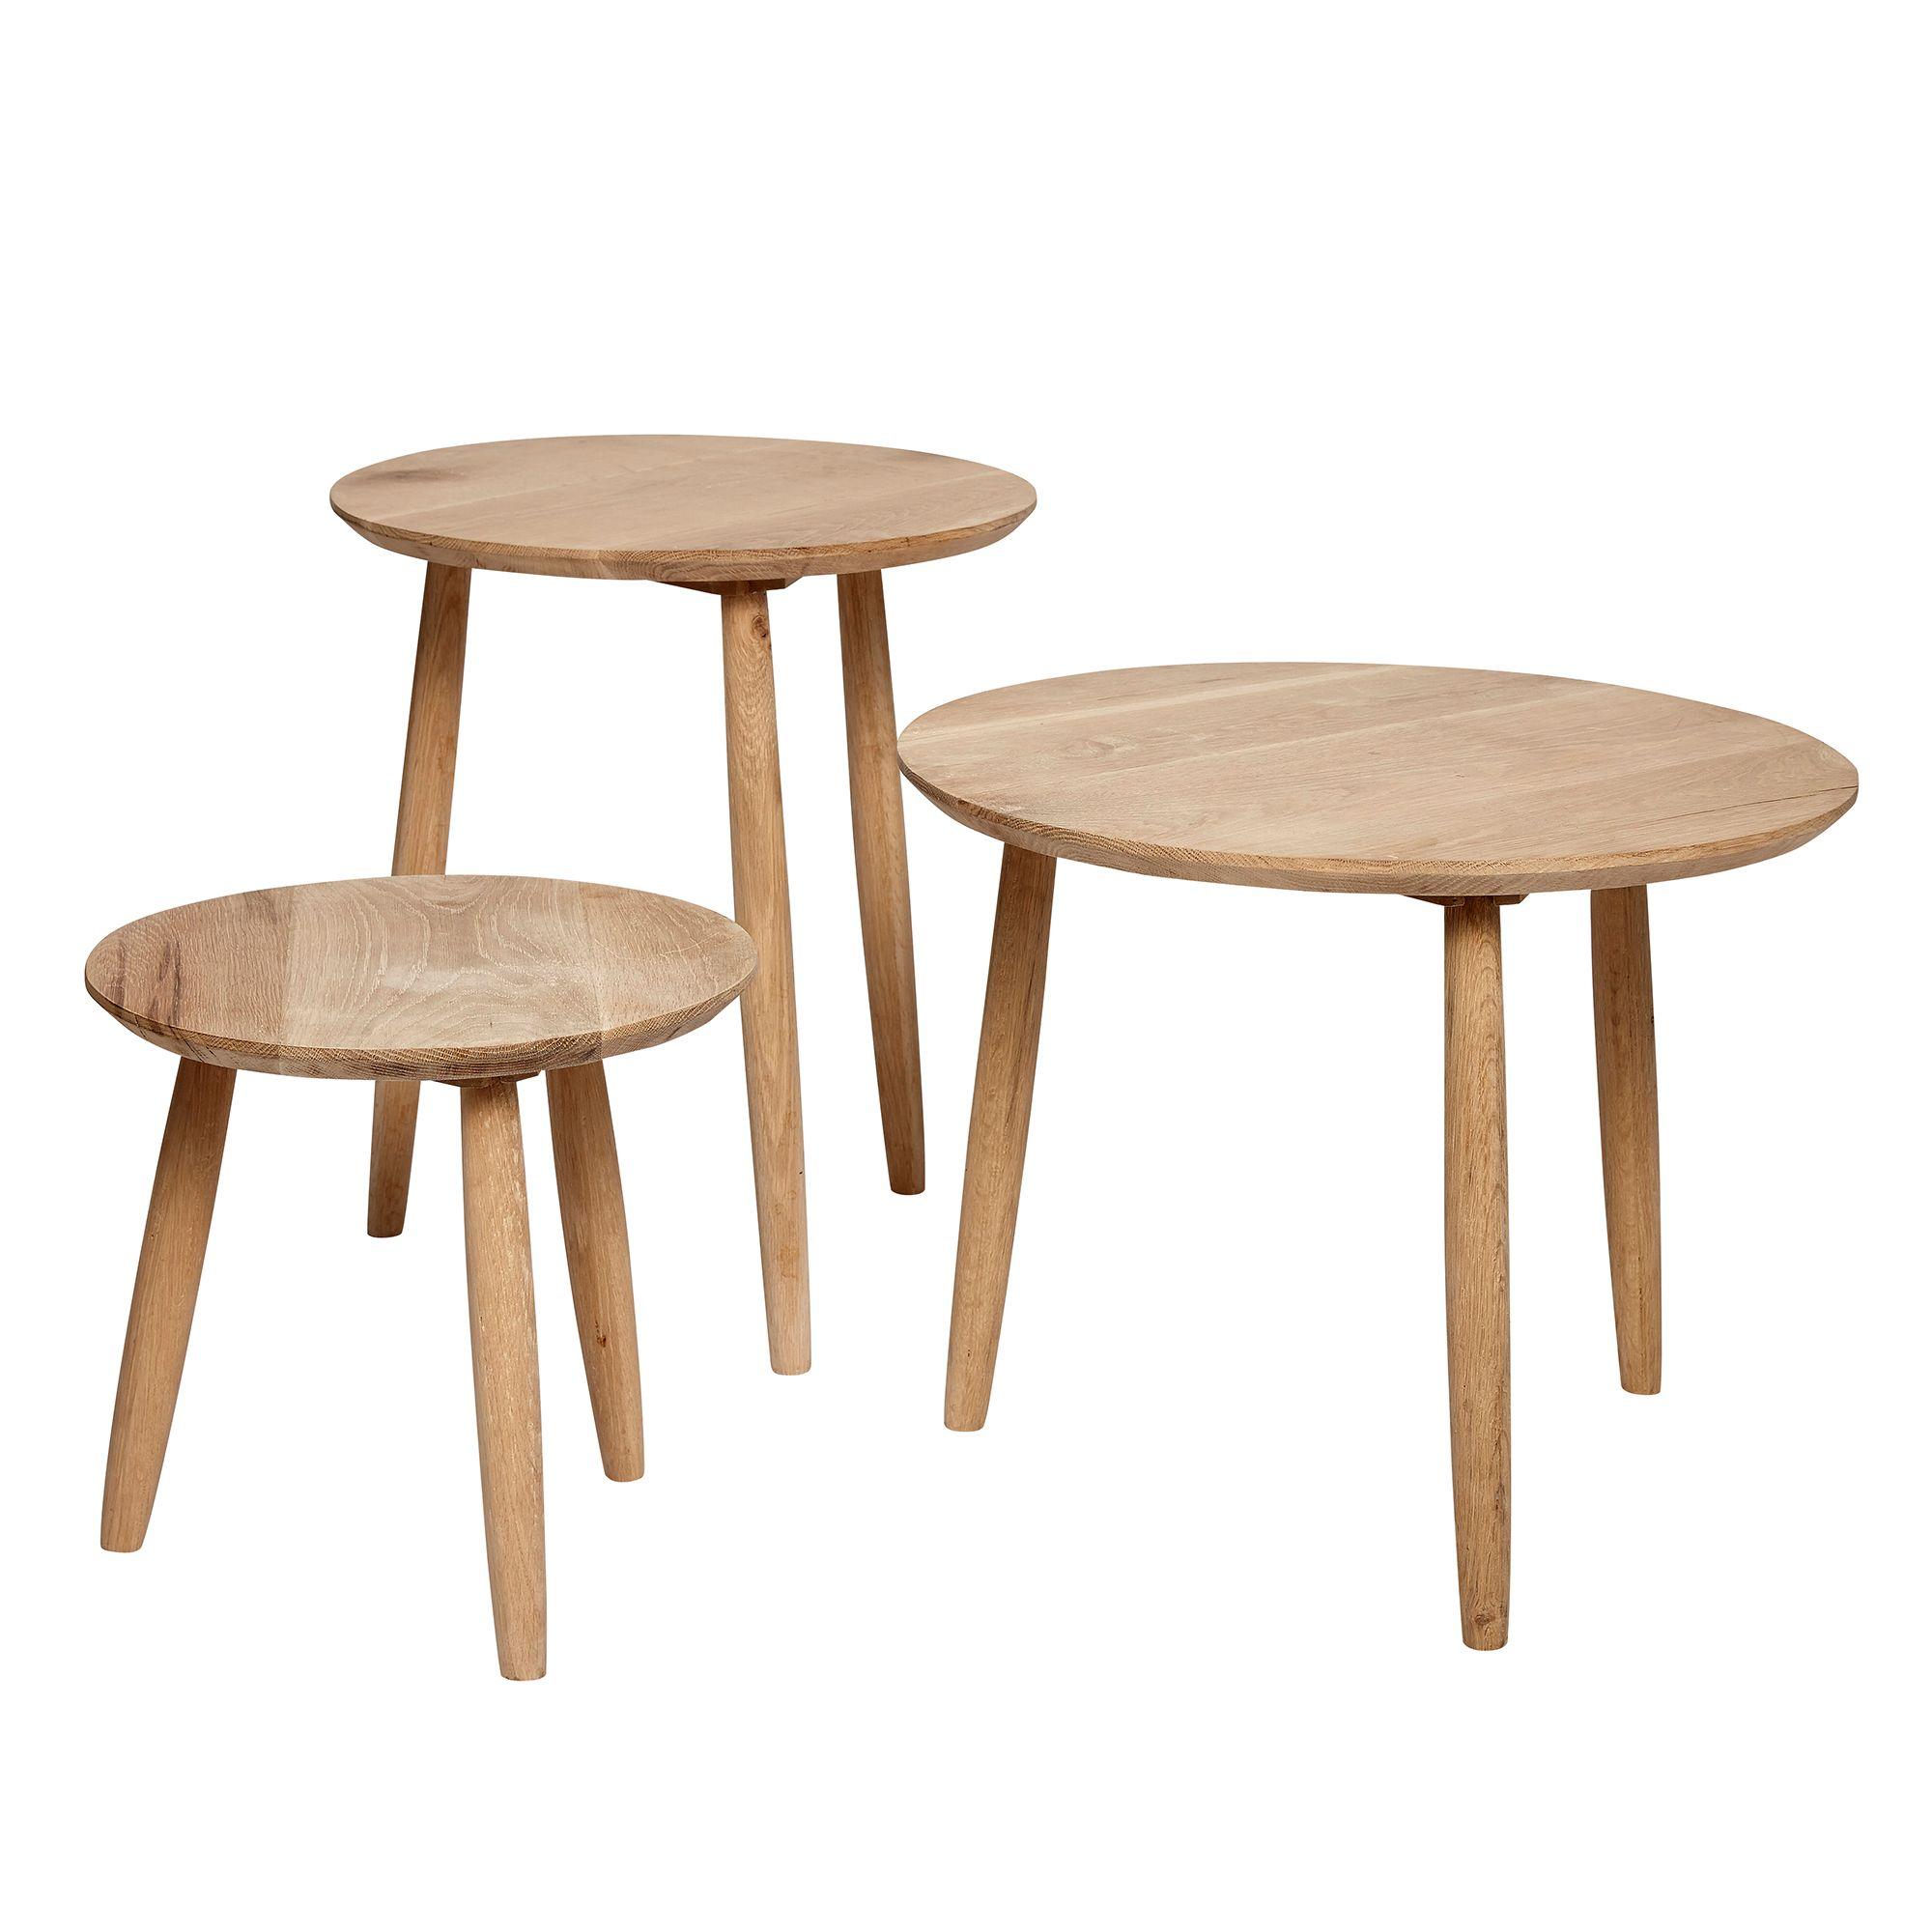 Beistelltisch Oak M Runder Beistelltisch Aus Eichenholz M Beistelltisch Eiche Beistelltisch Rund Tisch